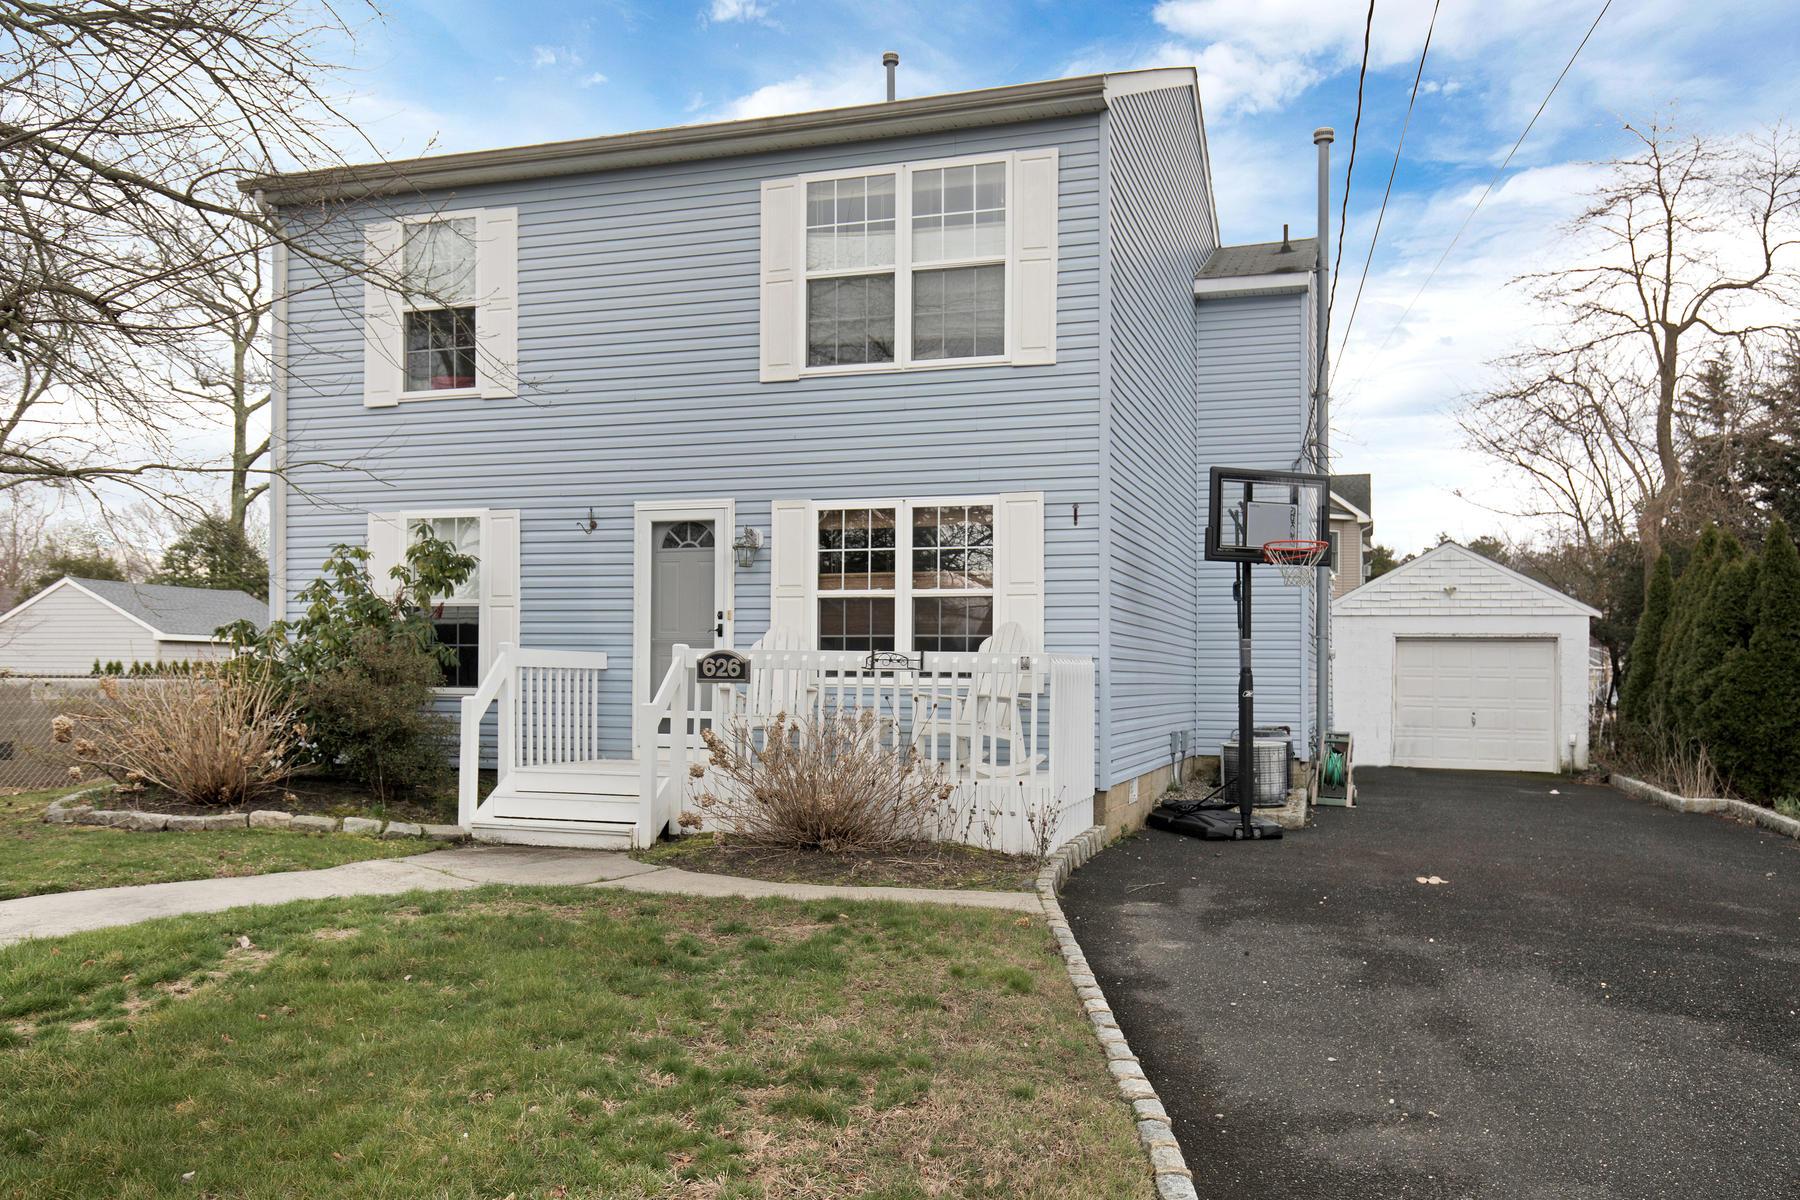 Частный односемейный дом для того Продажа на Desirable East Of The Canal Location 626 Delaware Avenue Point Pleasant, Нью-Джерси 08742 Соединенные Штаты